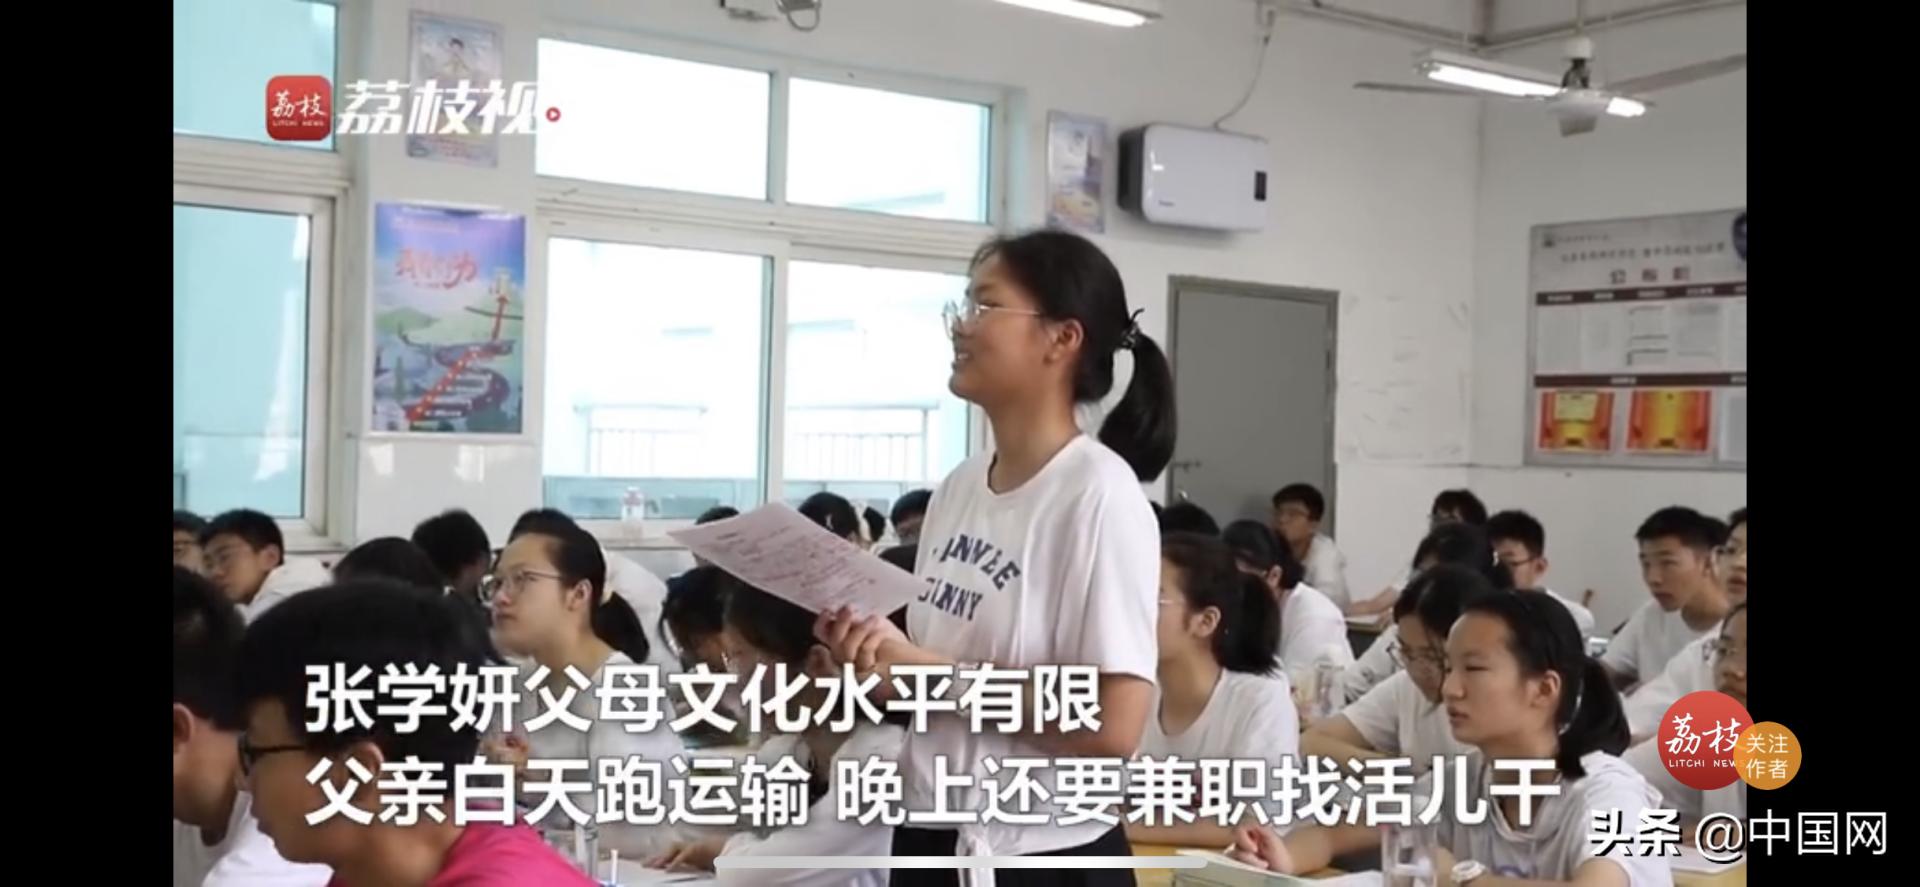 江苏女生中考757分8门满分天气预报(江苏女生中考757分8门满分成绩)插图